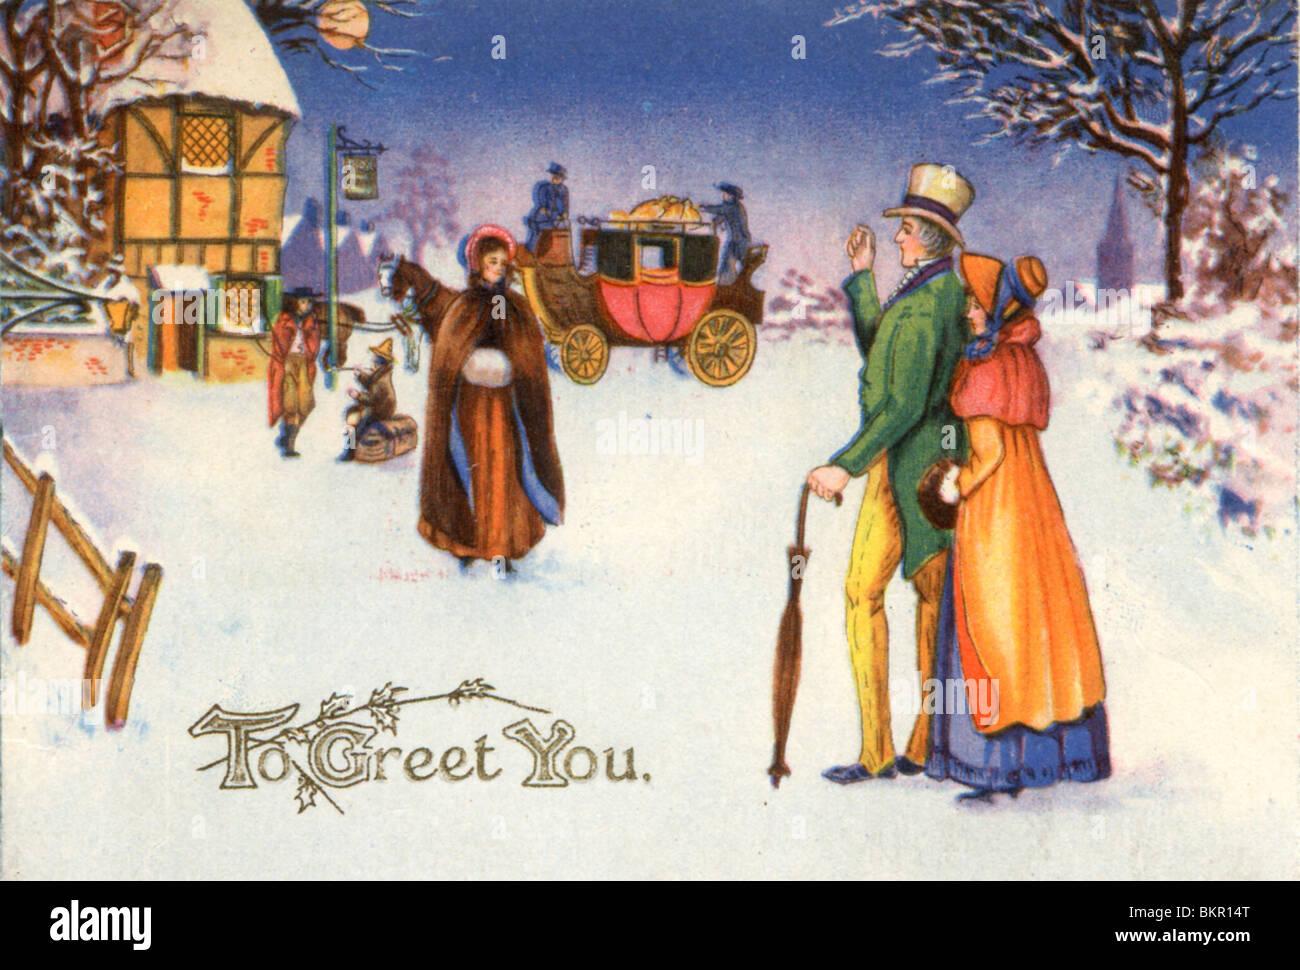 Immagini Natale Vittoriano.Scheda Di Natale Vittoriano Scena Di Neve Foto Immagine Stock